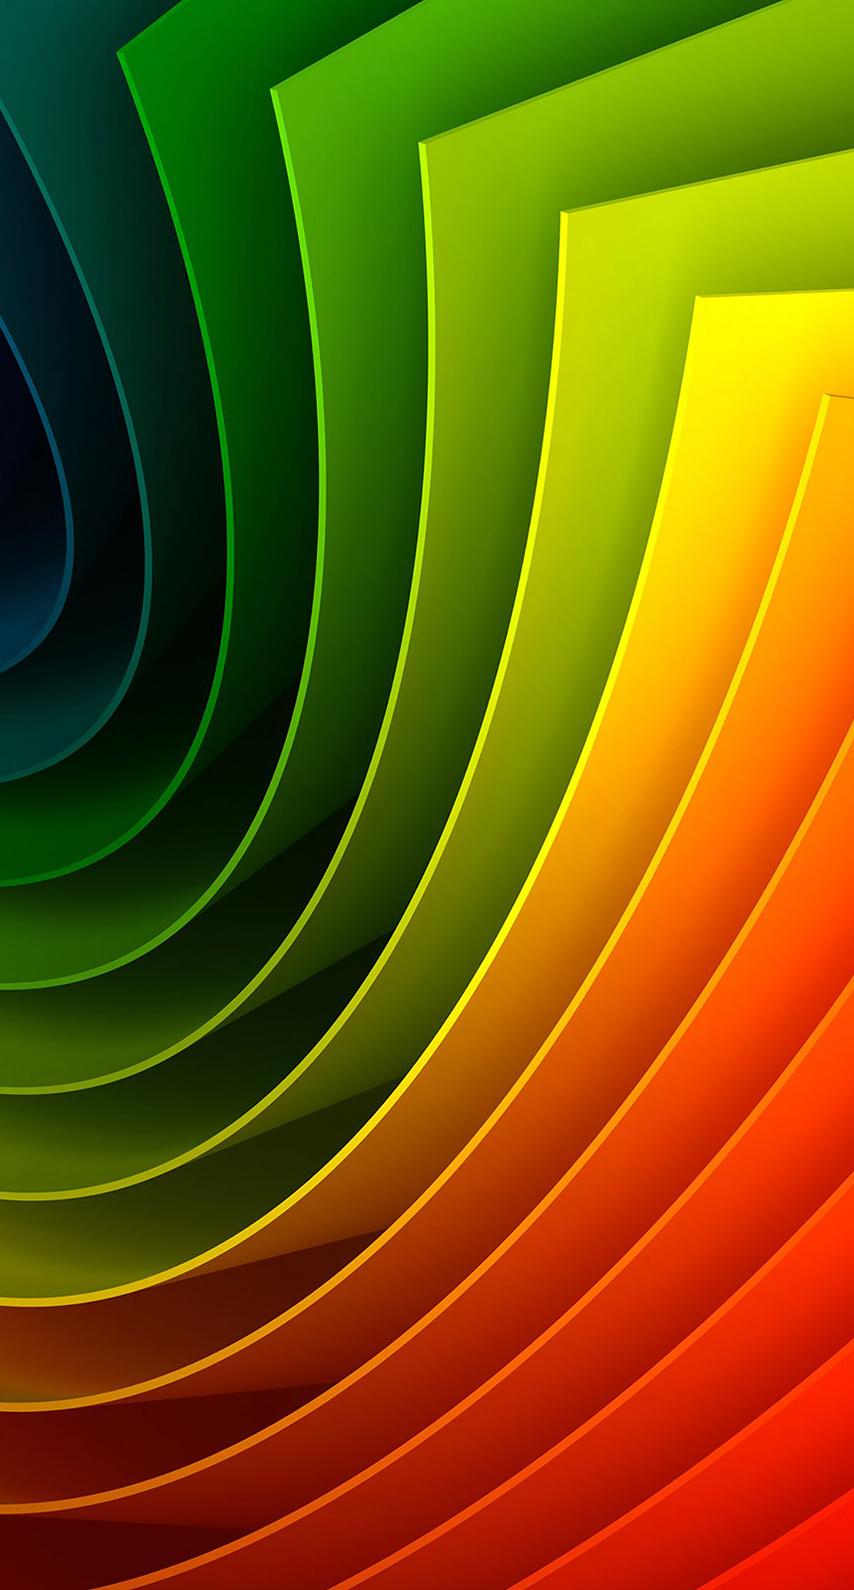 stripe, graphic design